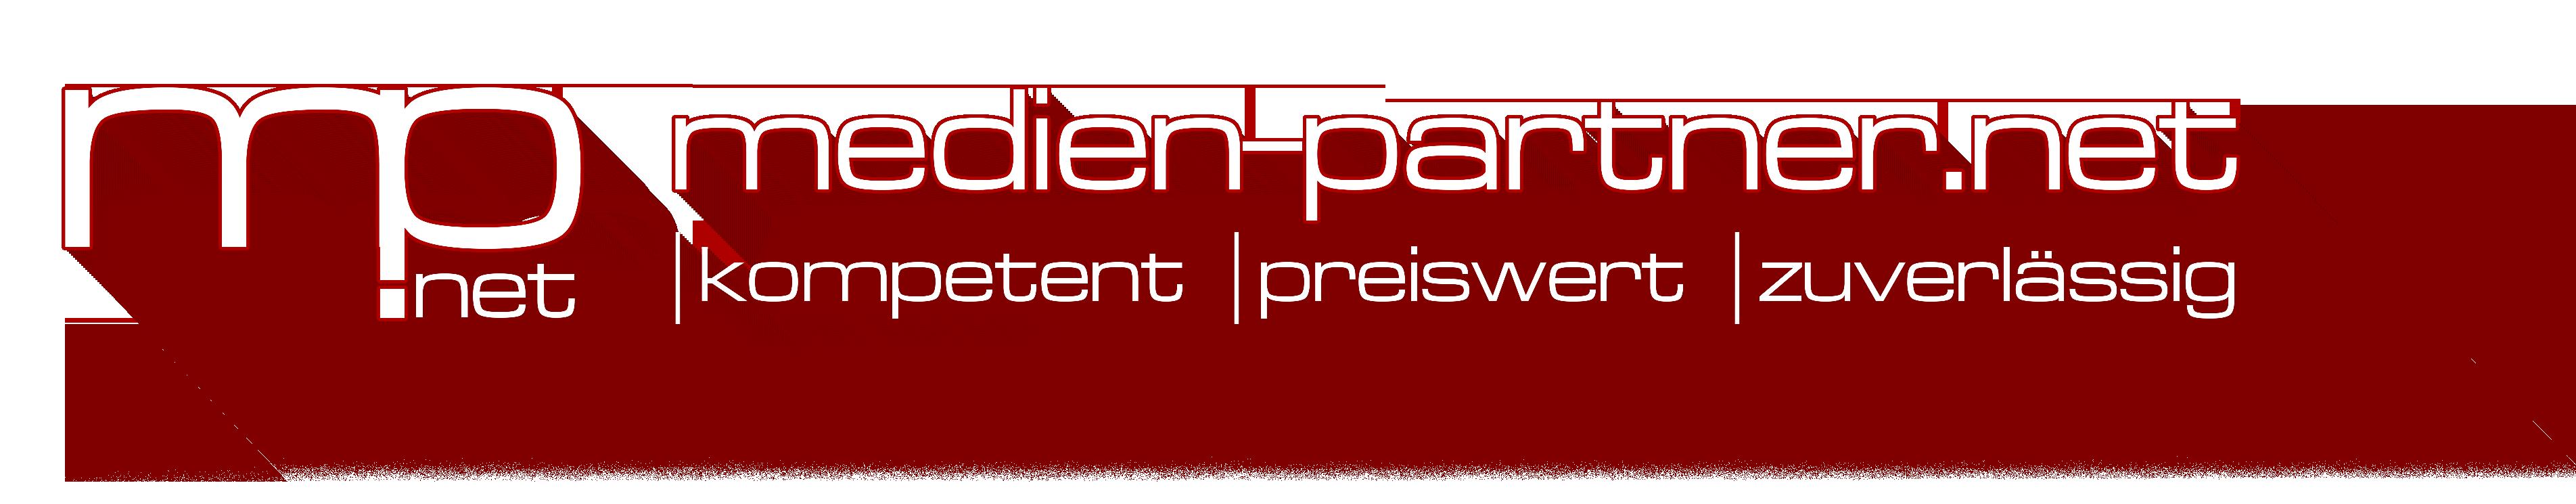 medien-partner.net - Fernseh- und Medienproduktion